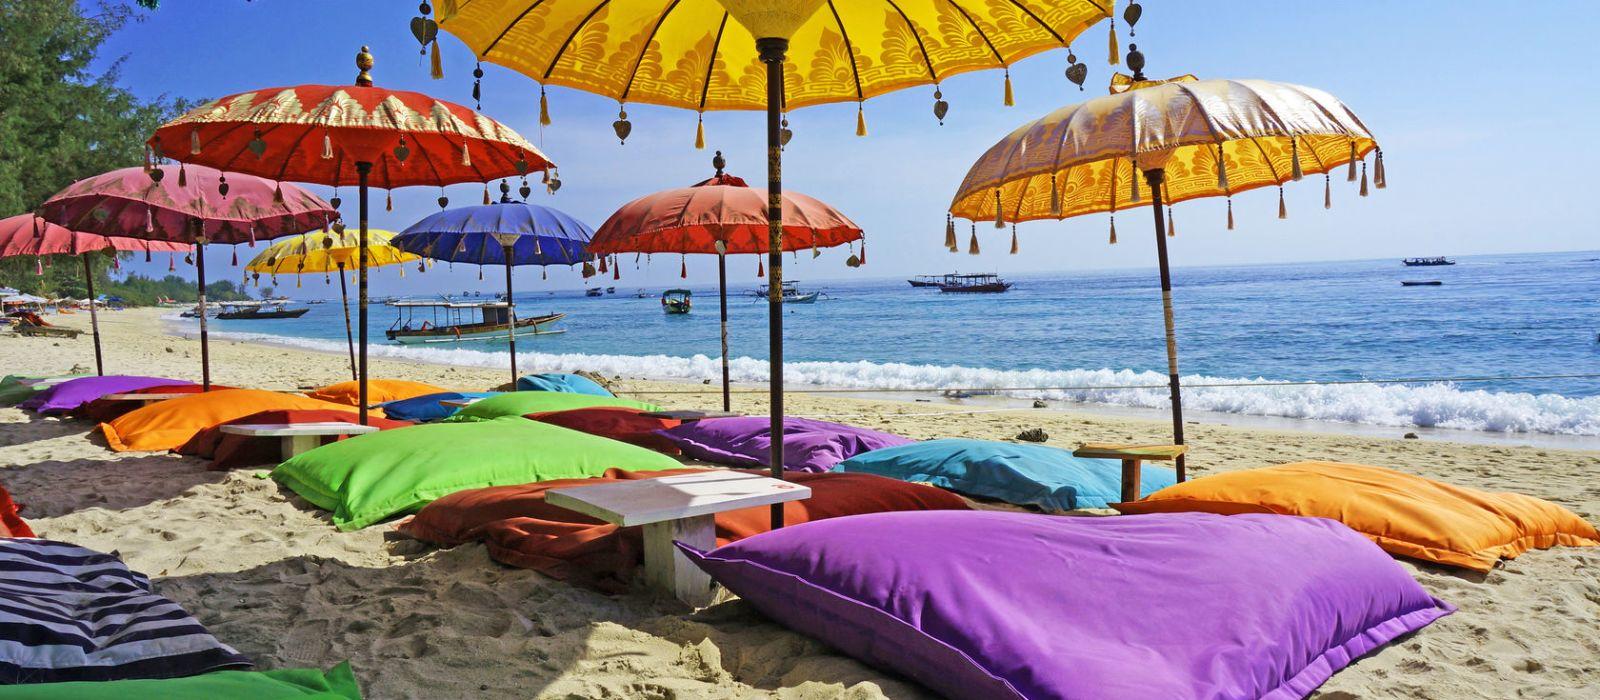 Indonesien: Von Insel zu Insel & Bali Urlaub 5